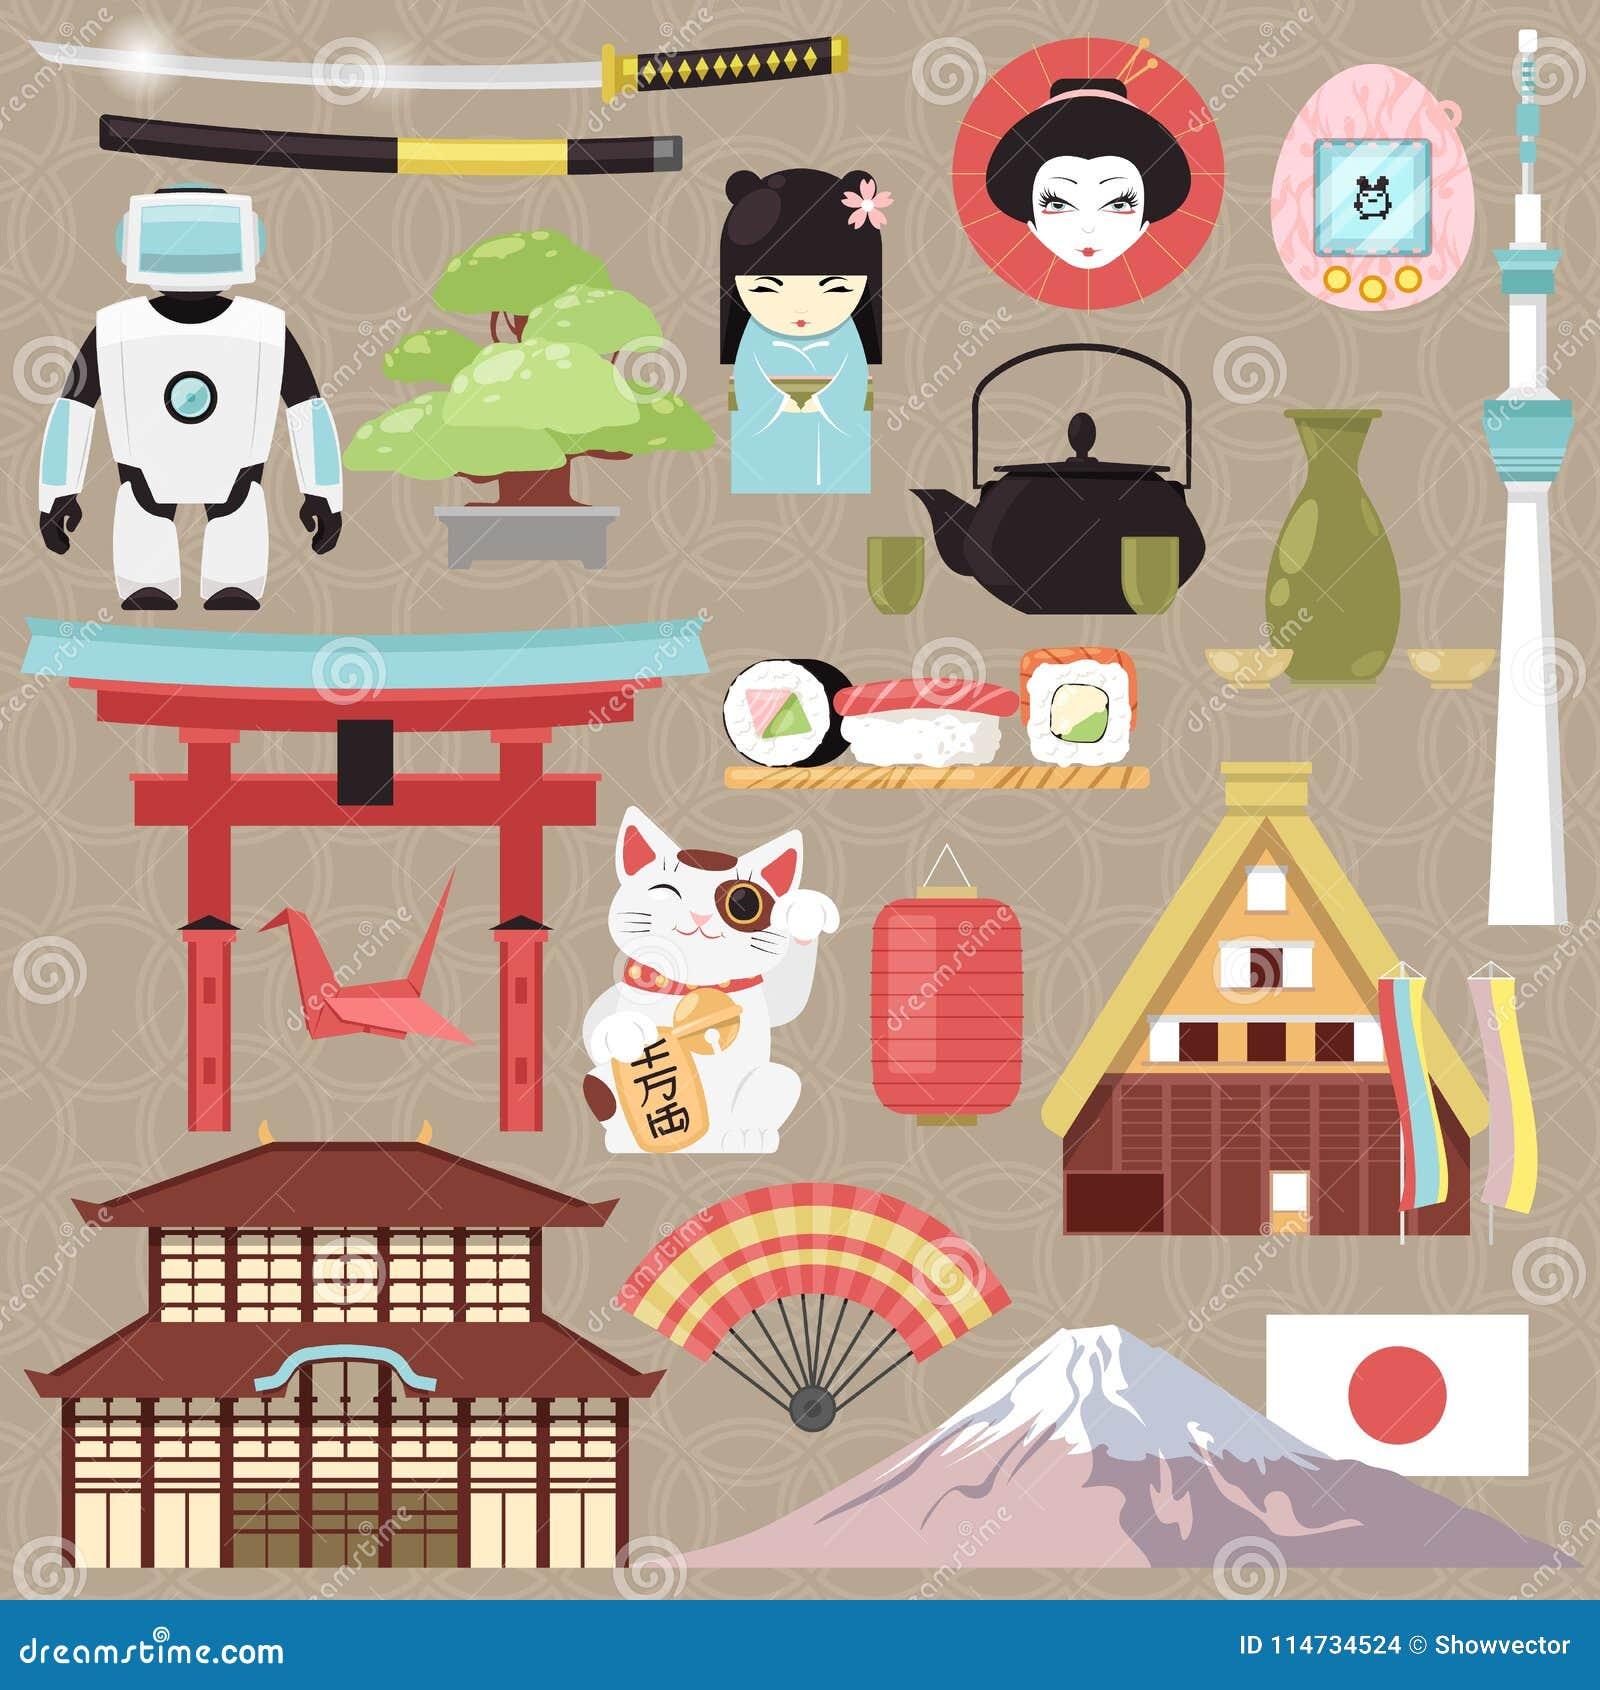 Культура вектора Японии японские и архитектура или восточные суши кухни в комплекте иллюстрации токио Japanization